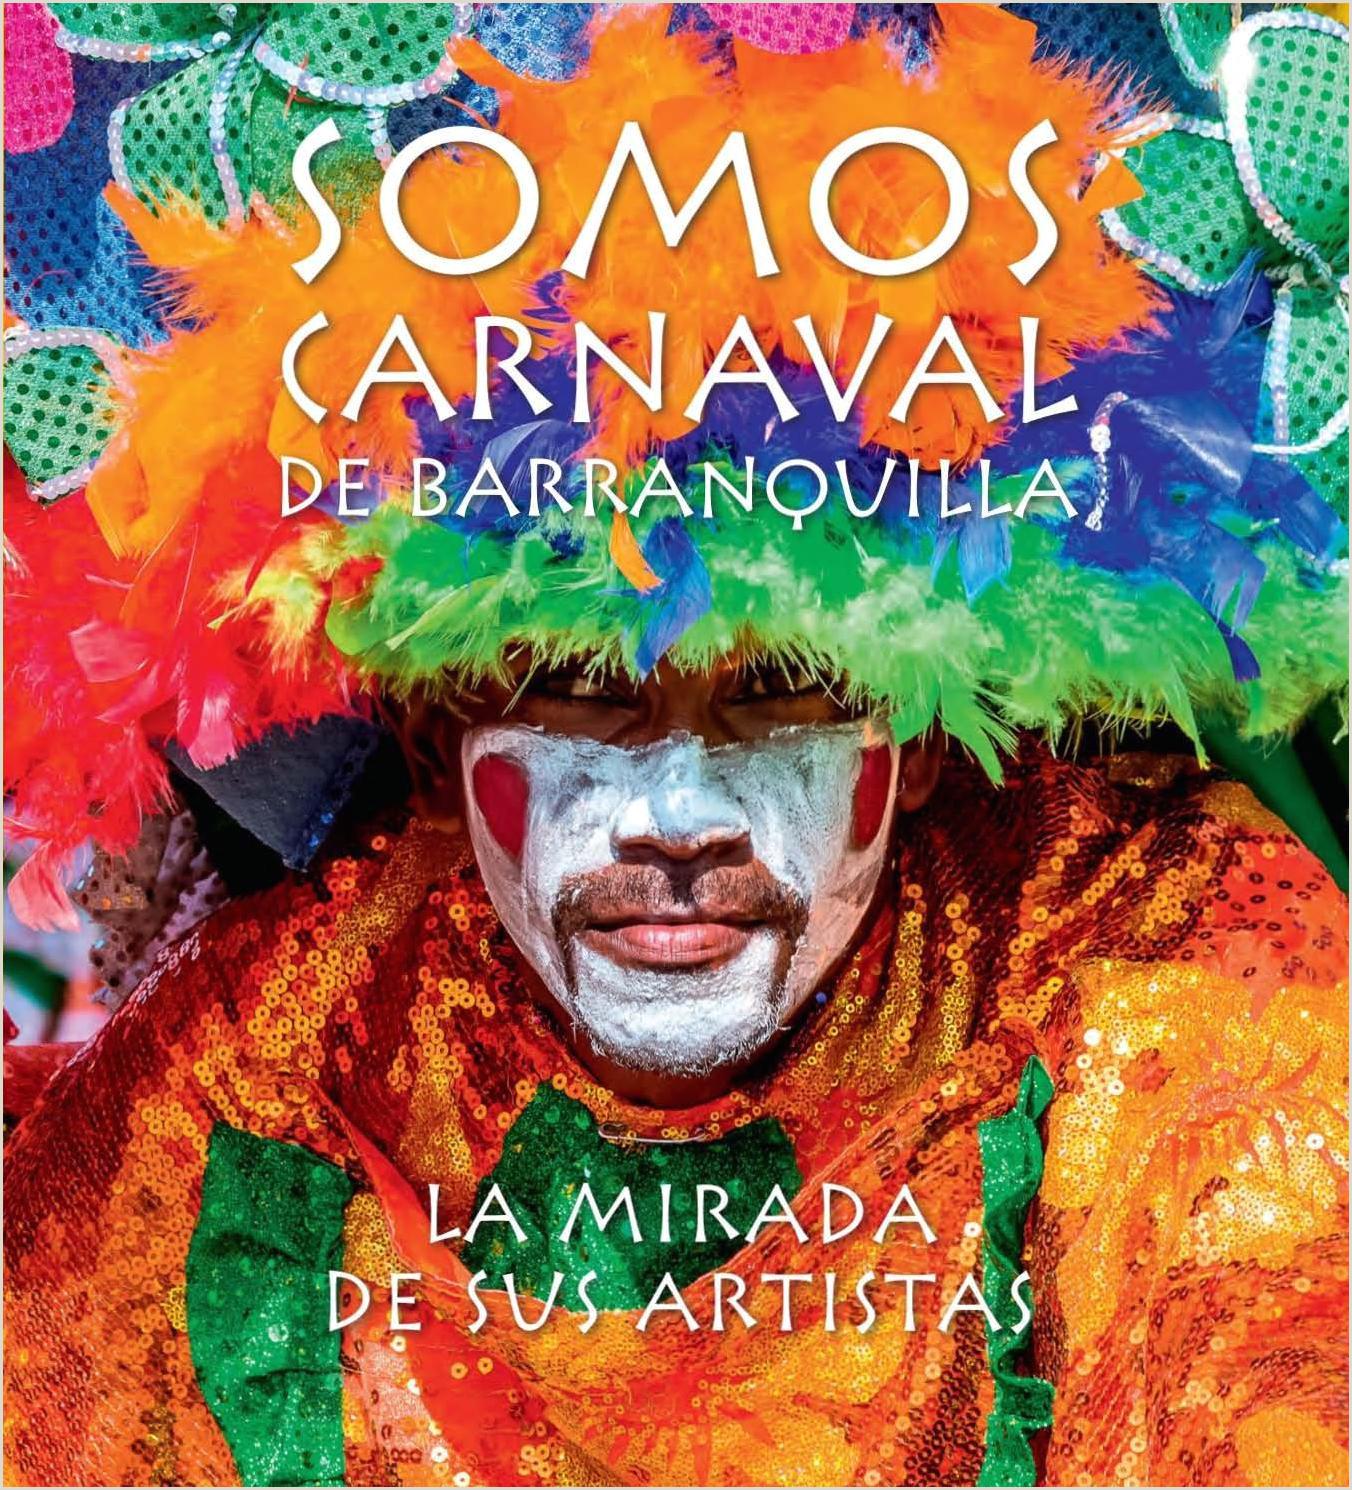 Formato Hoja De Vida Artistica Revista somos Carnaval De Barranquilla La Mirada Y Sus